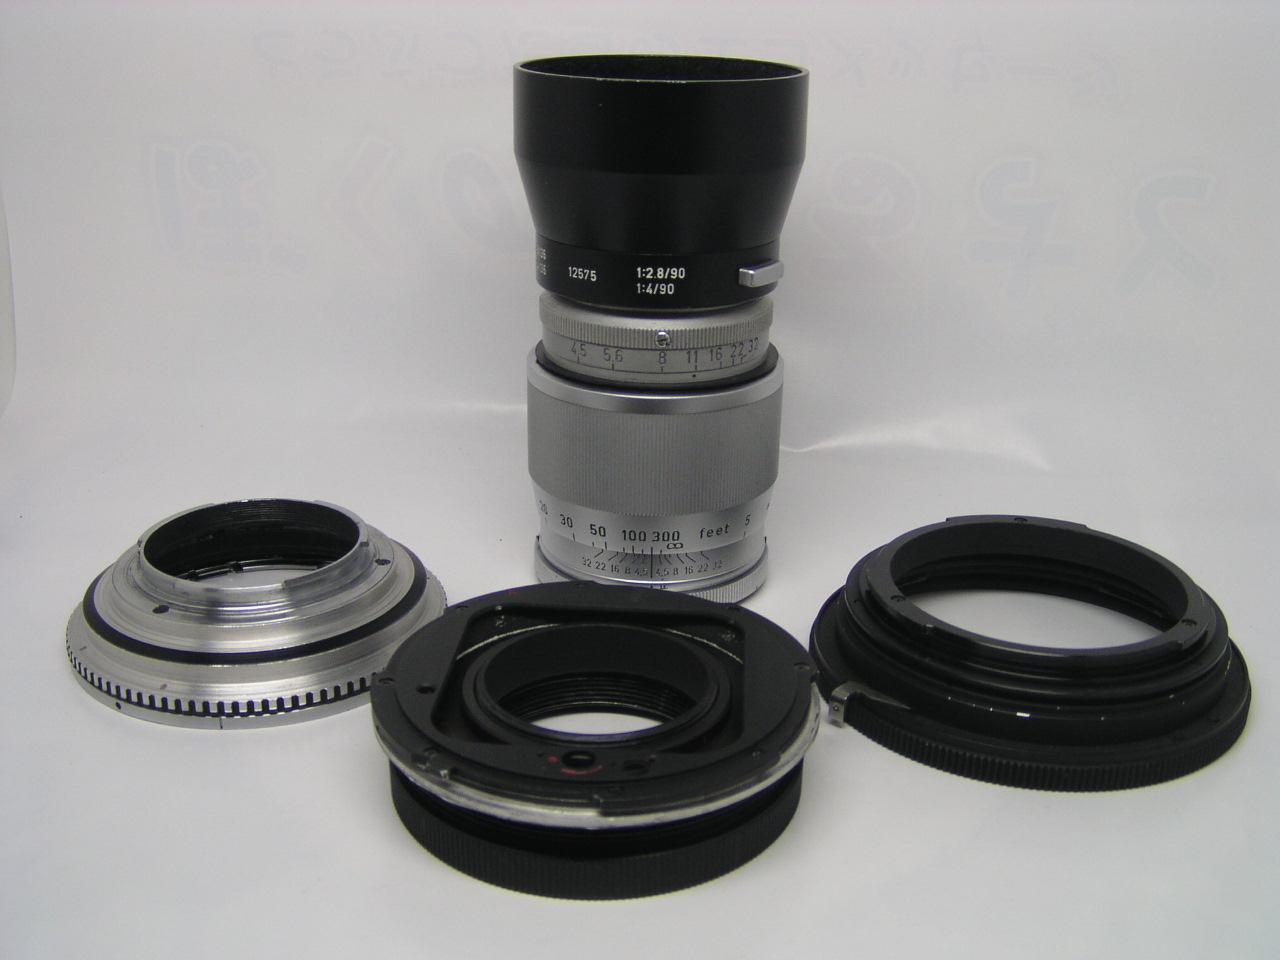 ライカビゾ用のレンズを各種カメラに活用*****キューちゃん_d0138130_16234438.jpg